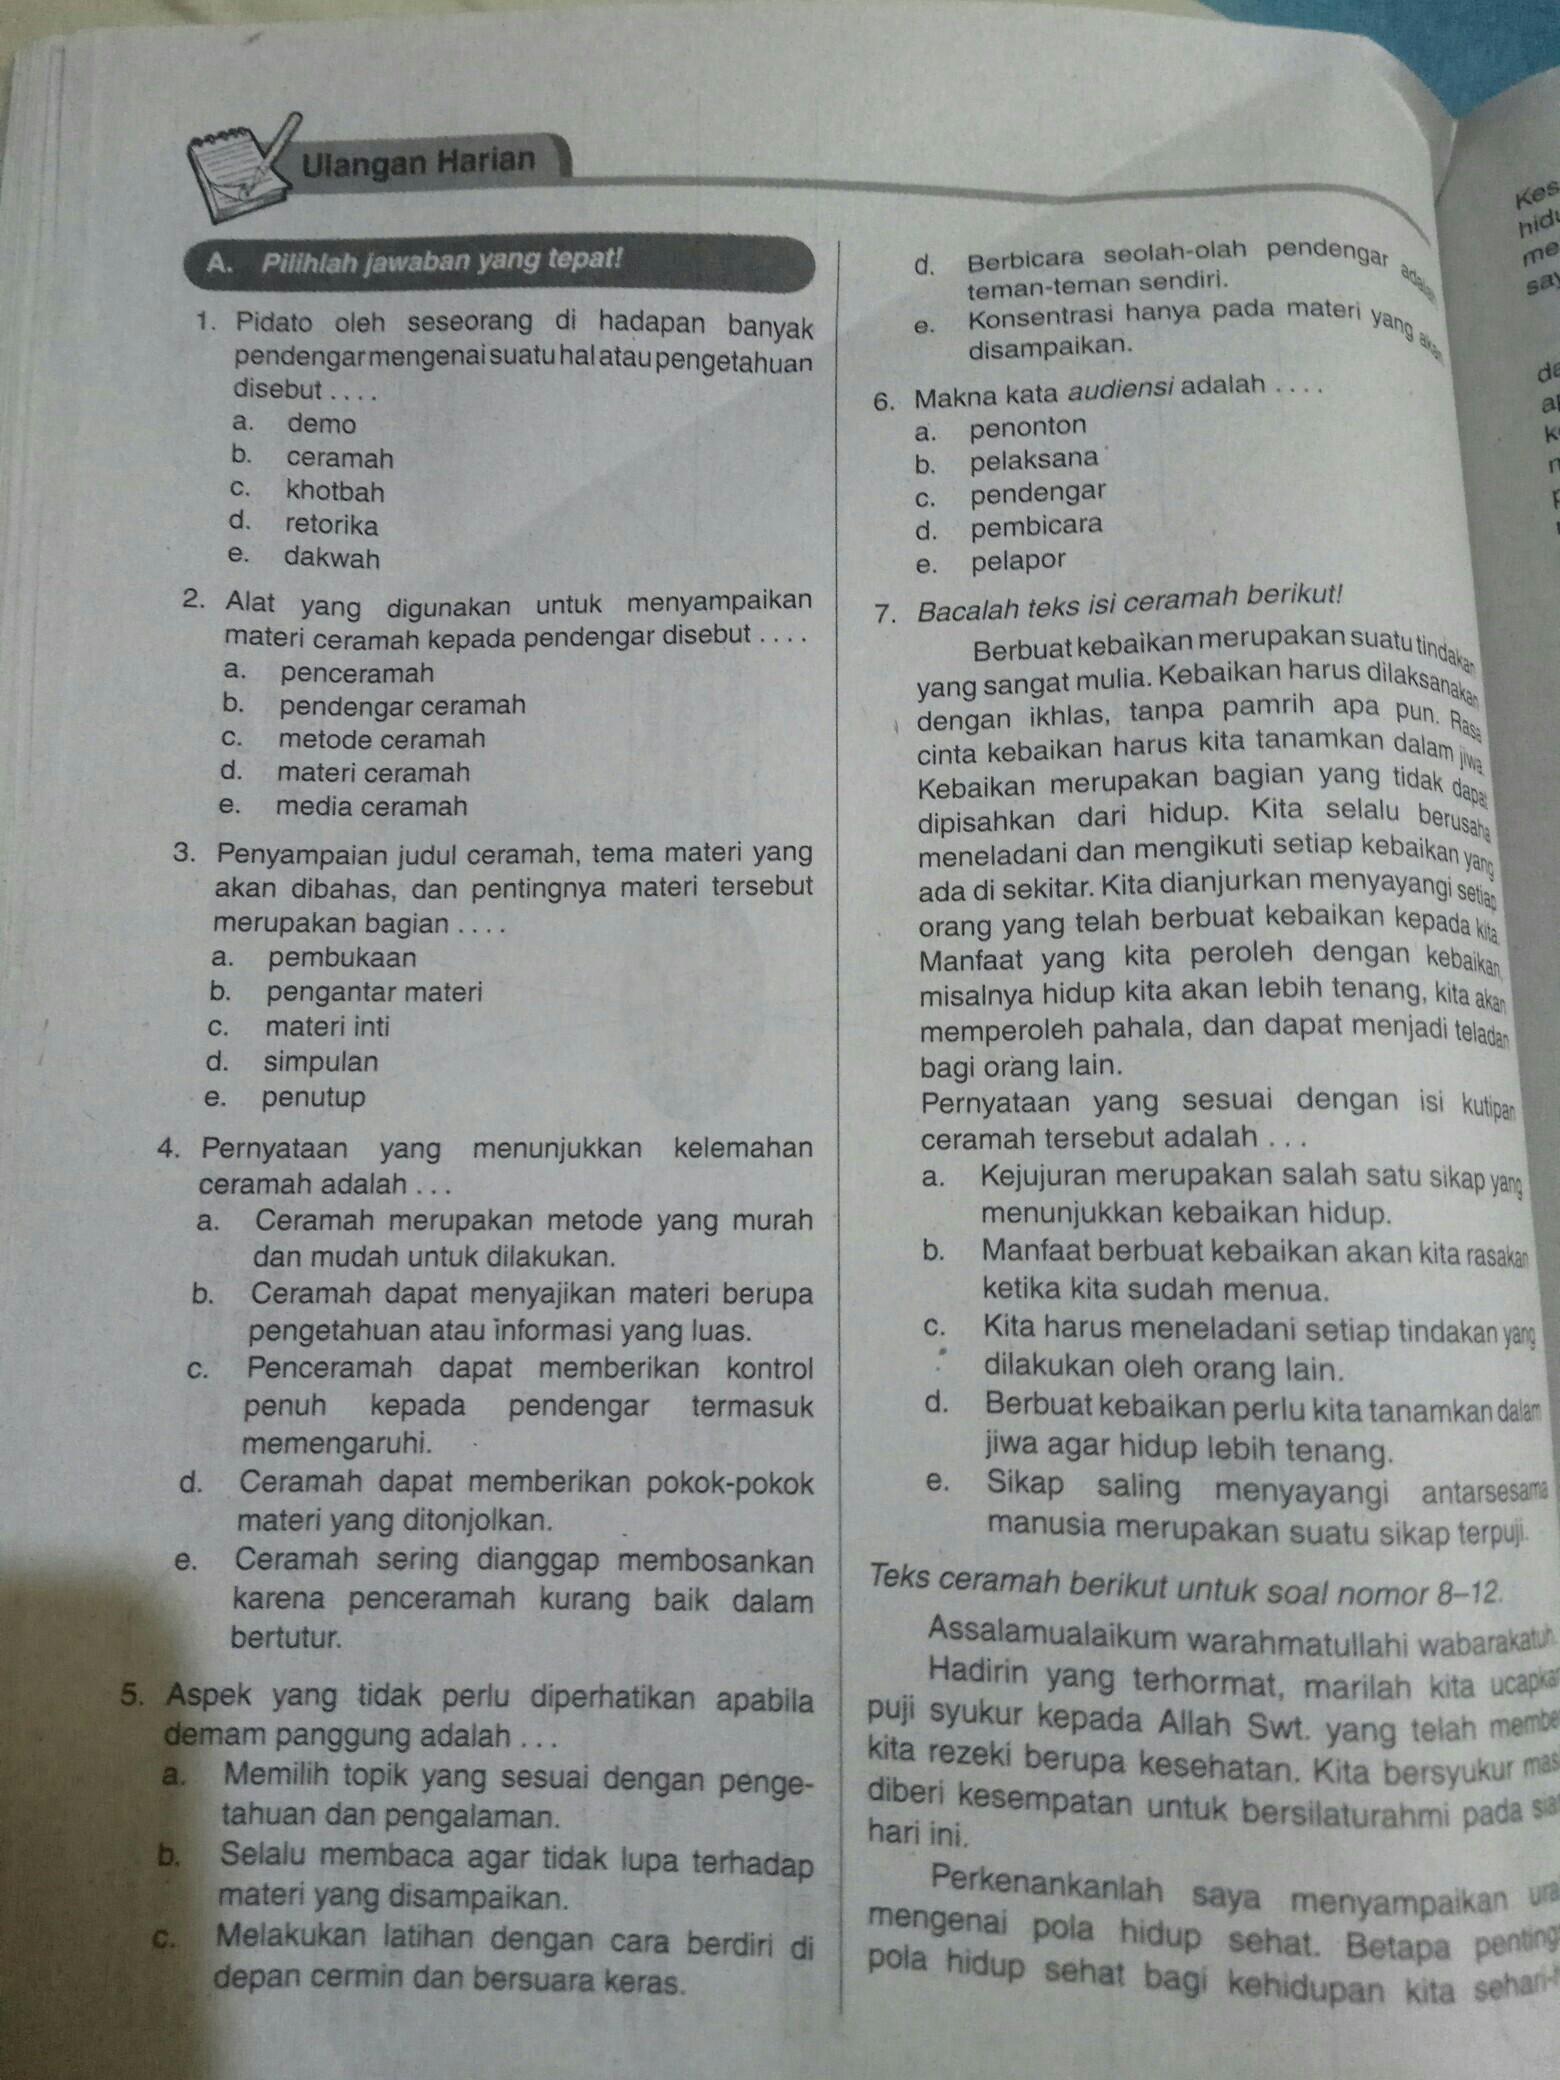 Kak Kunci Jawab Bahasa Indonesia Ulangan Harian Kelas 11 Tentang